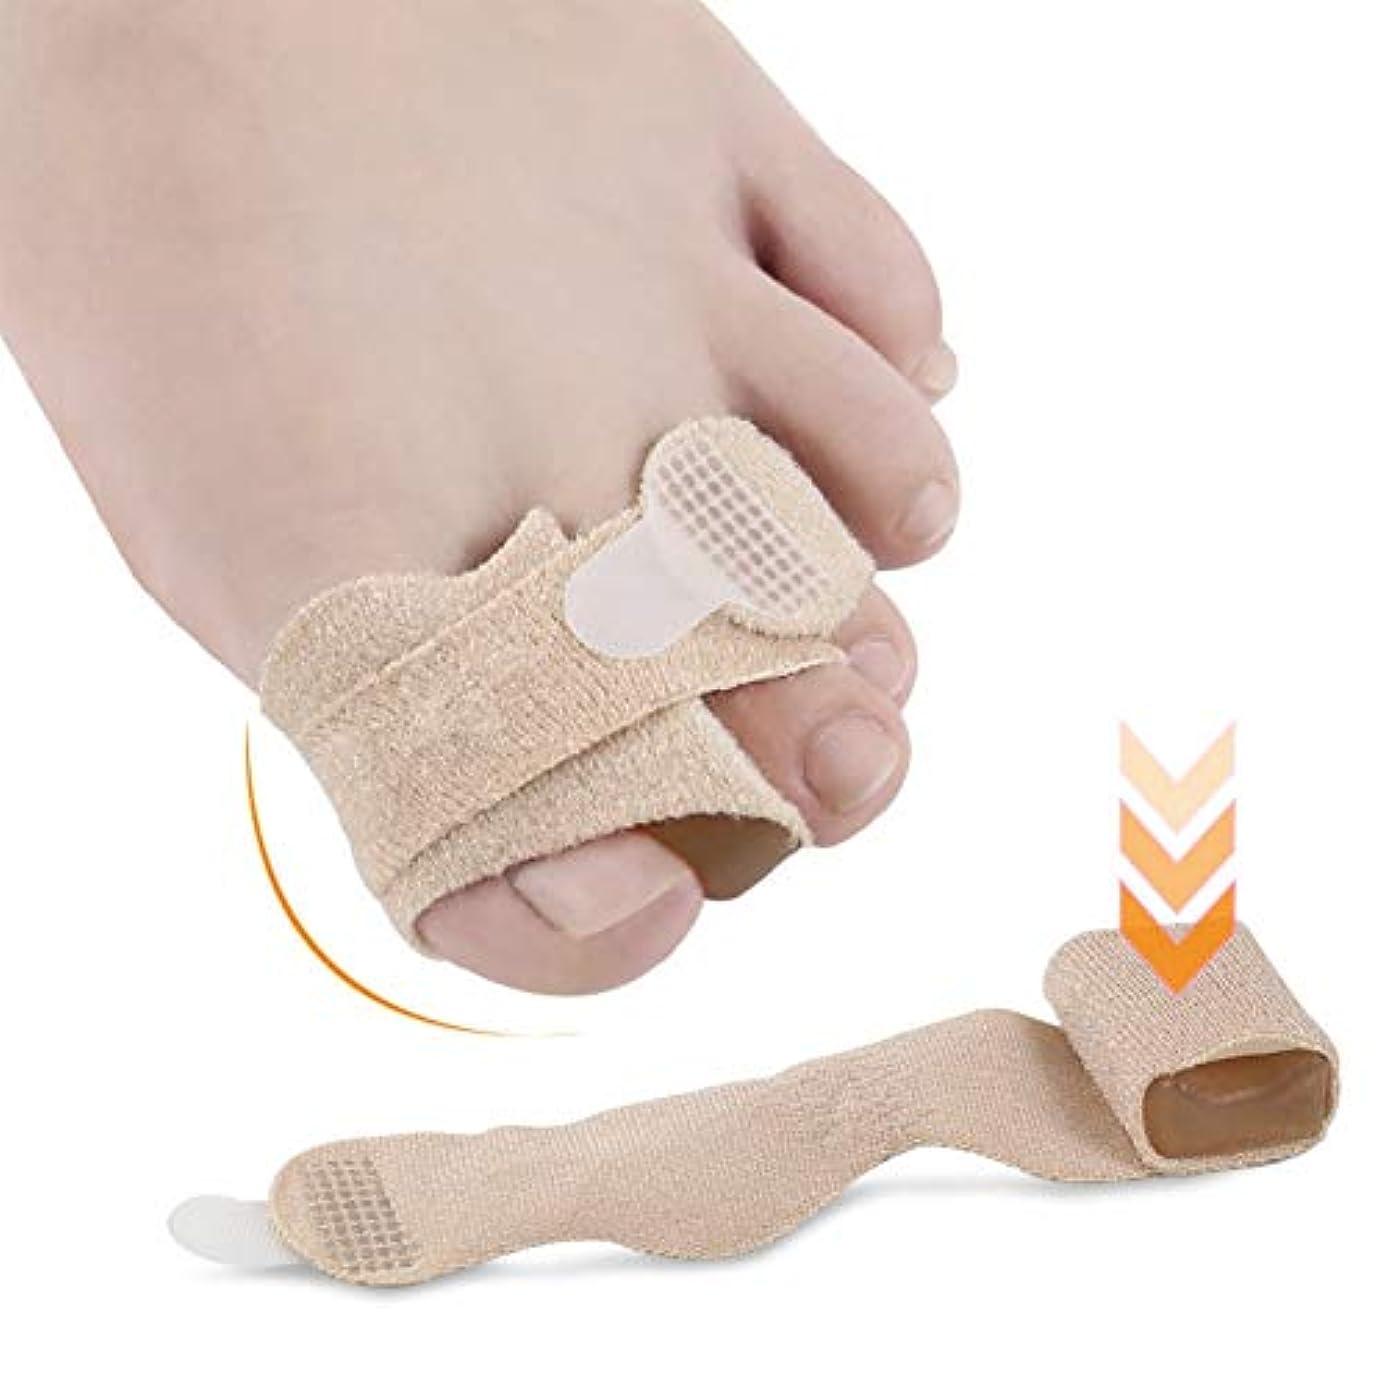 ルームホップウォーターフロントKISSION 親指外反矯正 大骨矯正ベルト つま先セパレーター つま先外反装具 つま先矯正つま先セパレーター つま先の痛みを和らげる